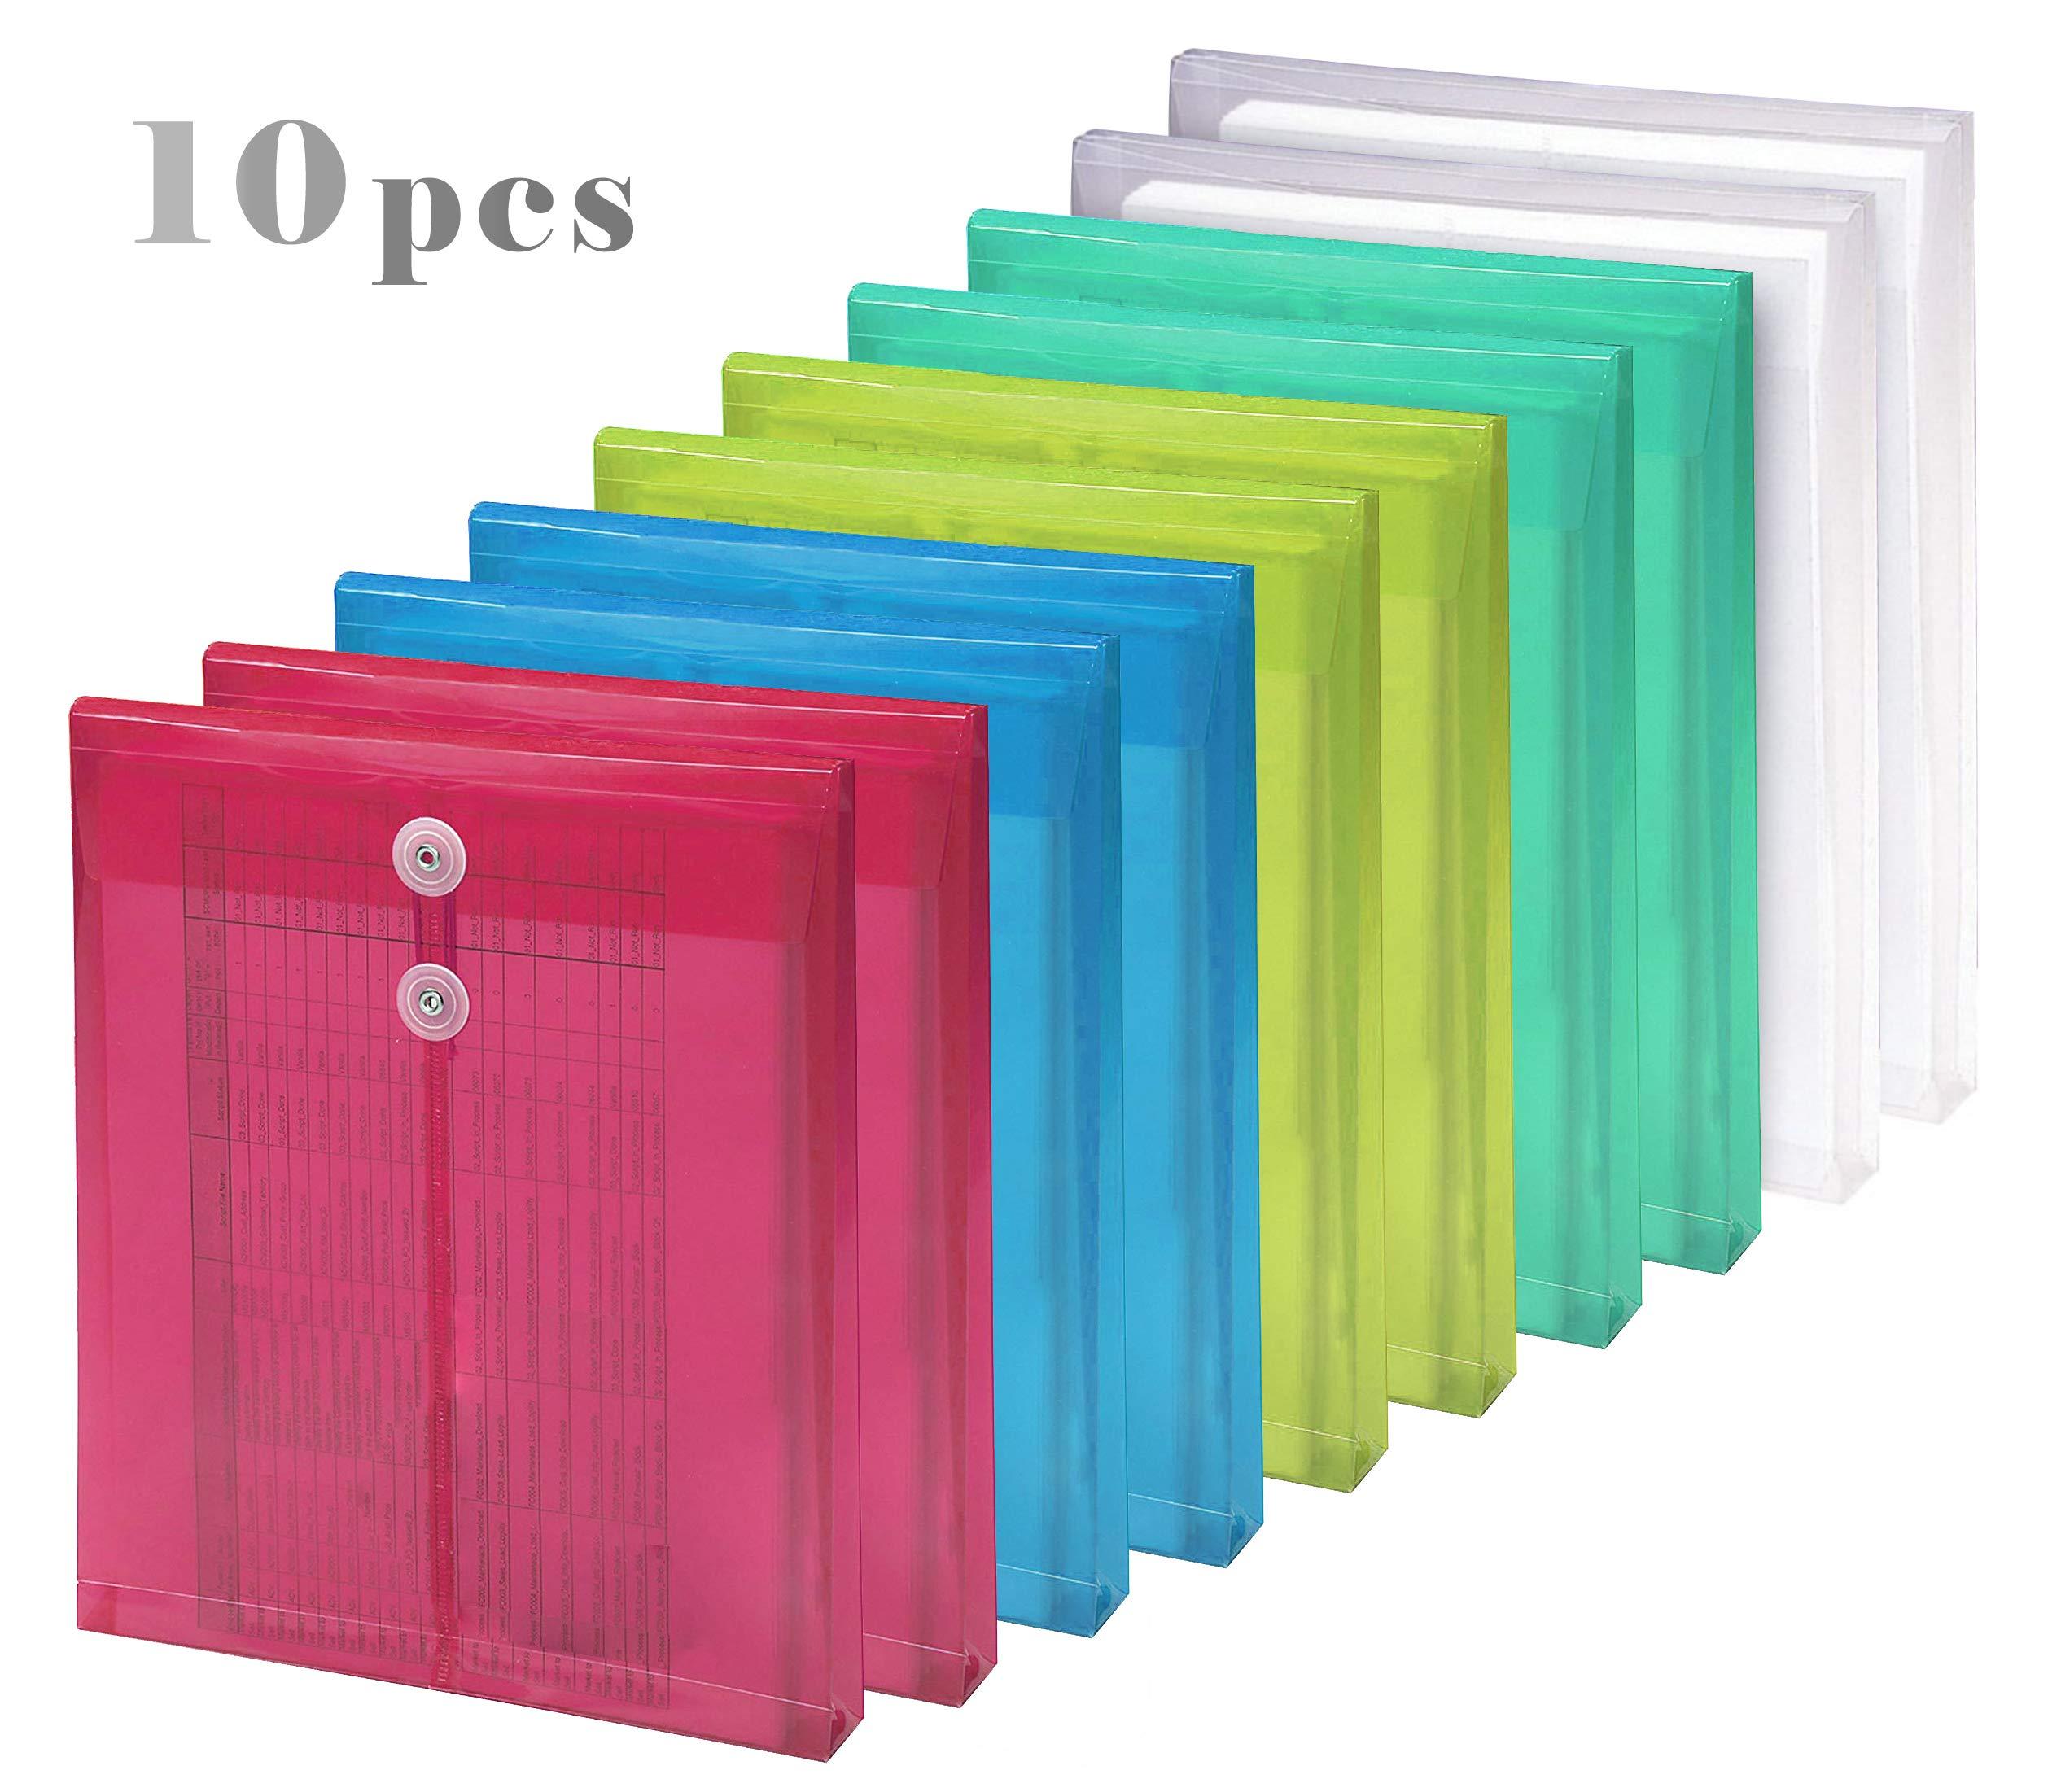 10 Packs Plastic String Envelopes with Expansion Letter Size Side Loading File Paper Project Folder Envelope